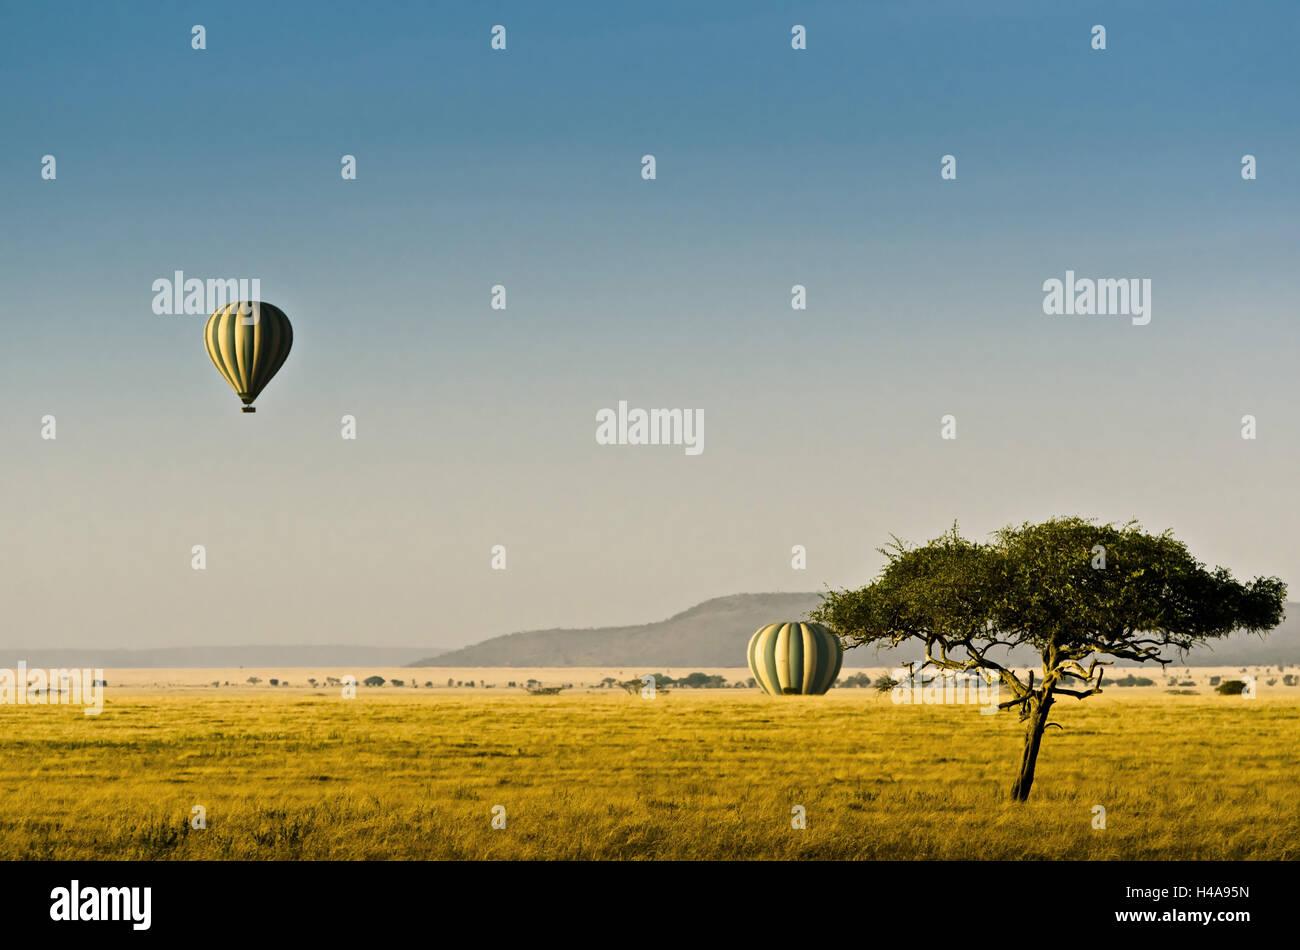 Africa, Tanzania, África Oriental, el parque nacional de Serengeti, globo, globo aerostático, viaje en Imagen De Stock